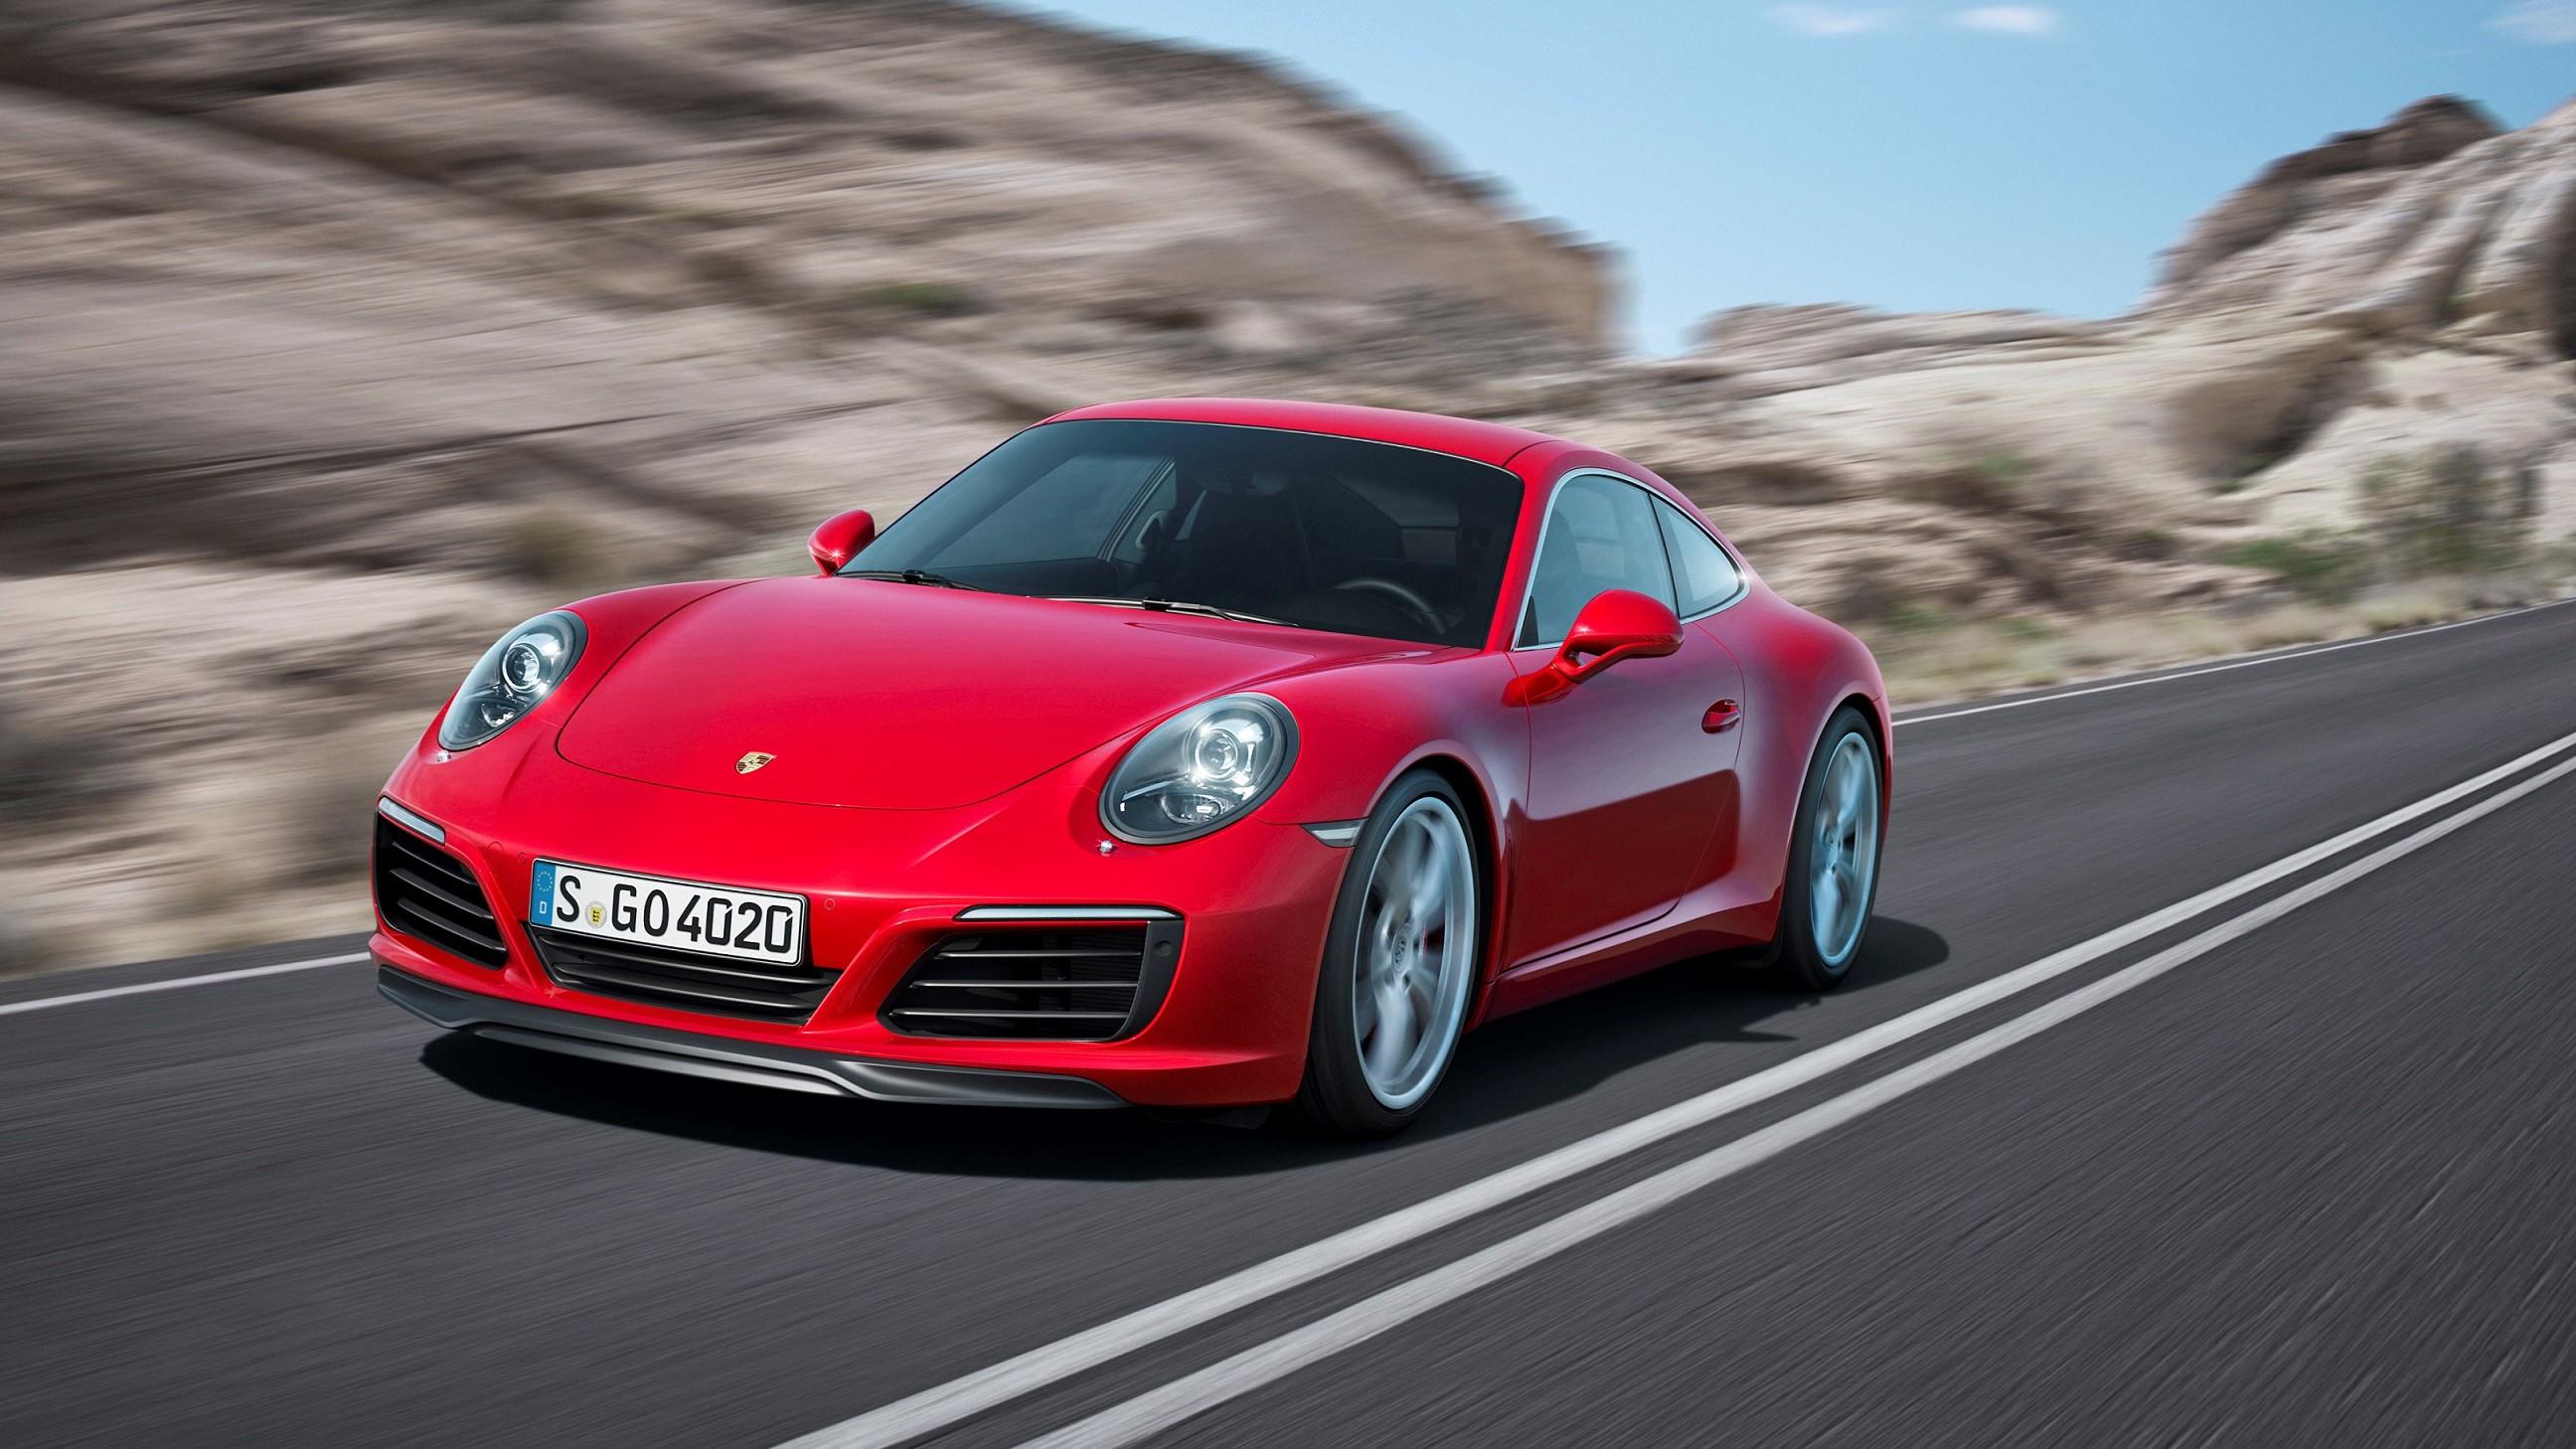 2017-utgaven av Porsche 911 vil ha større for CarPlay, men ikke Android Auto.|